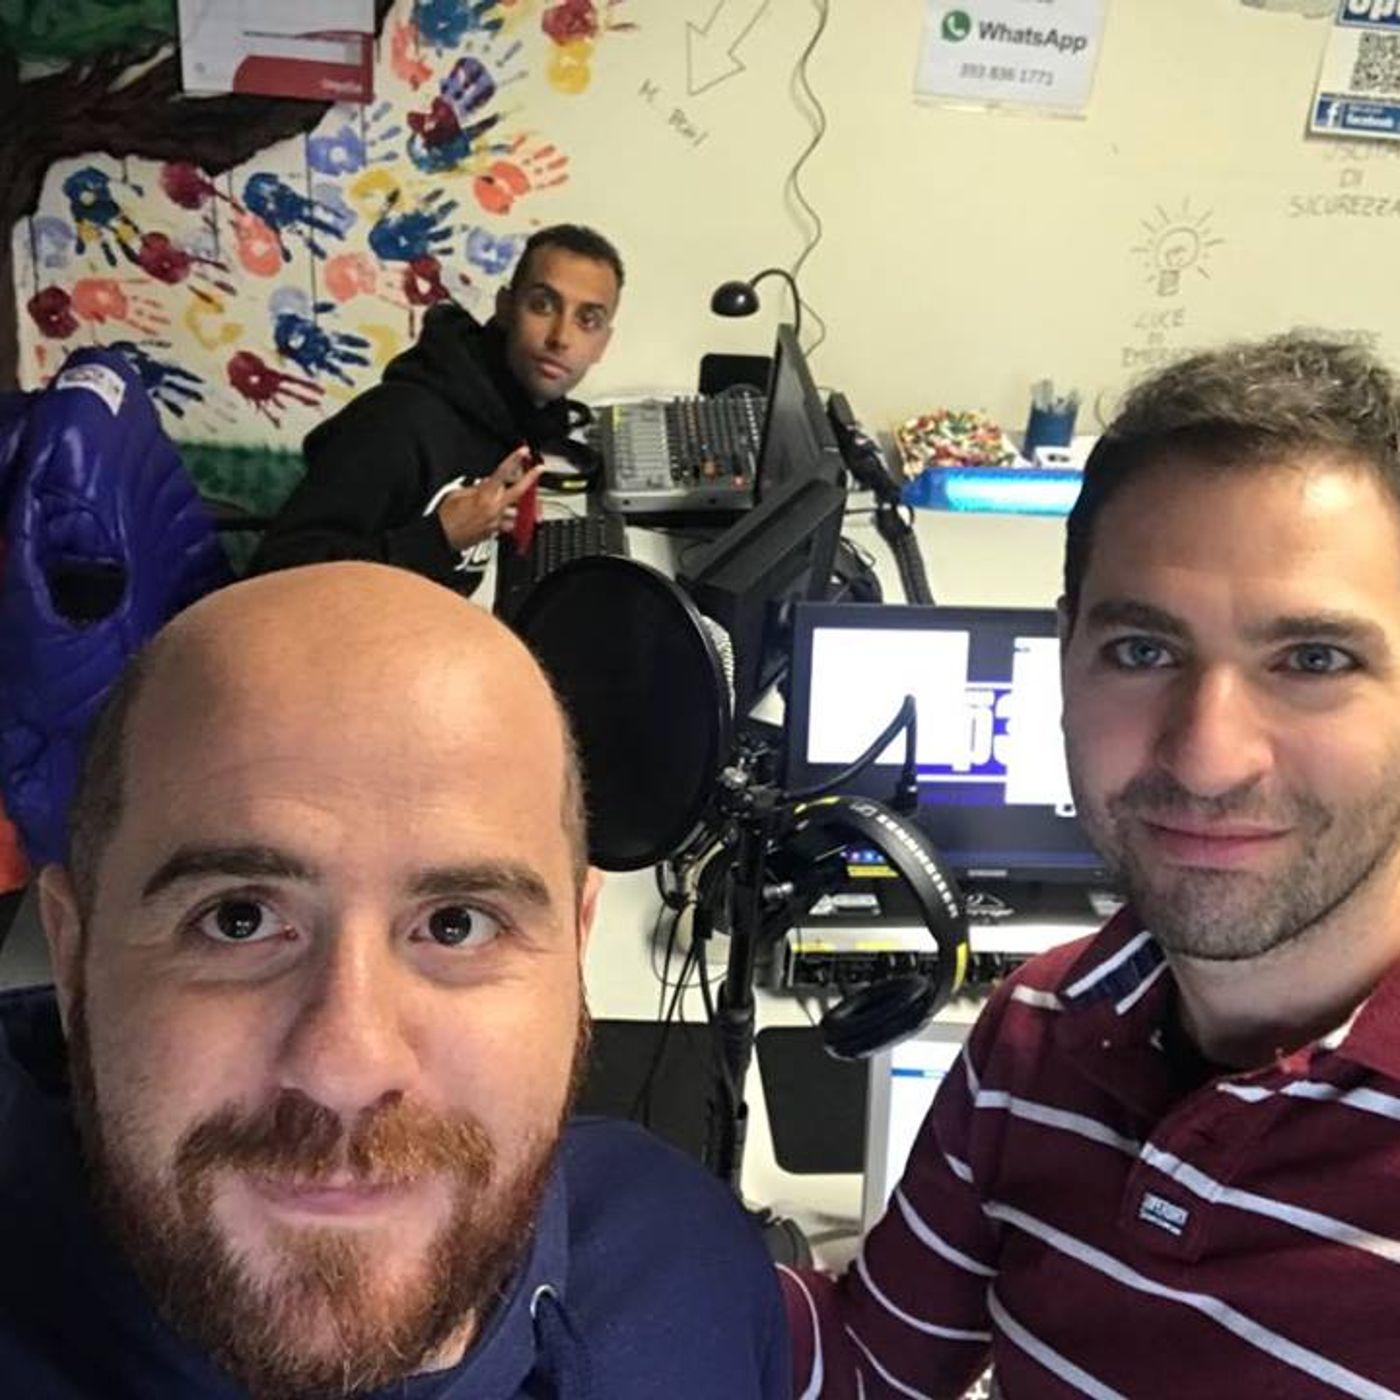 Copia & Incolla - Paura e Delirio in Radio Sp30